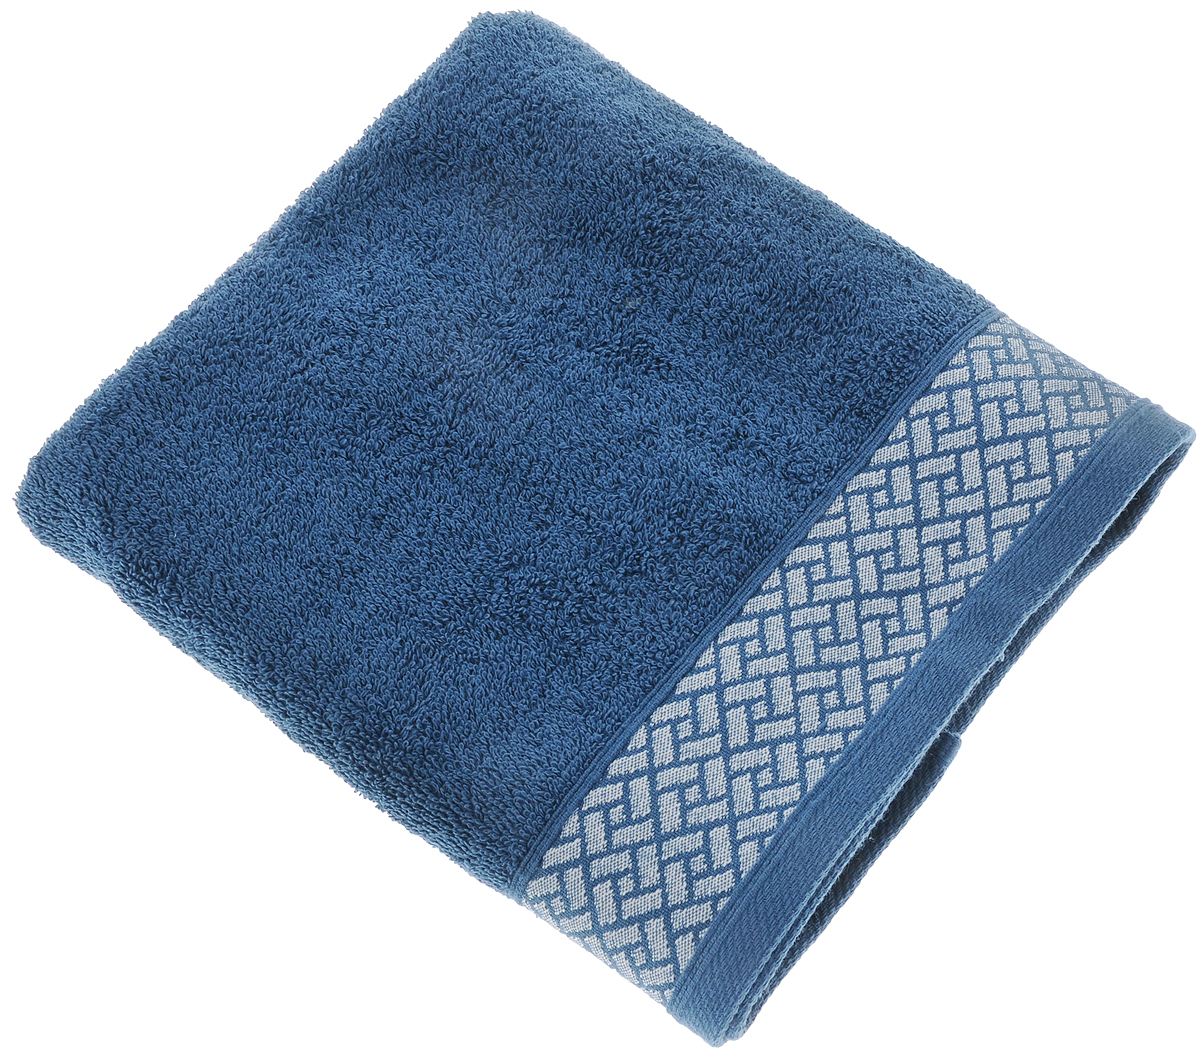 """Полотенце Tete-a-Tete """"Лабиринт"""" выполнено из 100% хлопка. Изделие отлично впитывает влагу, быстро сохнет, сохраняет яркость цвета и не теряет форму даже после многократных стирок.  Такое полотенце очень практично и неприхотливо в уходе. Оно создаст прекрасное настроение и украсит интерьер в ванной комнате. Полотенце упаковано в красивую коробку и может послужит отличной идеей для подарка."""